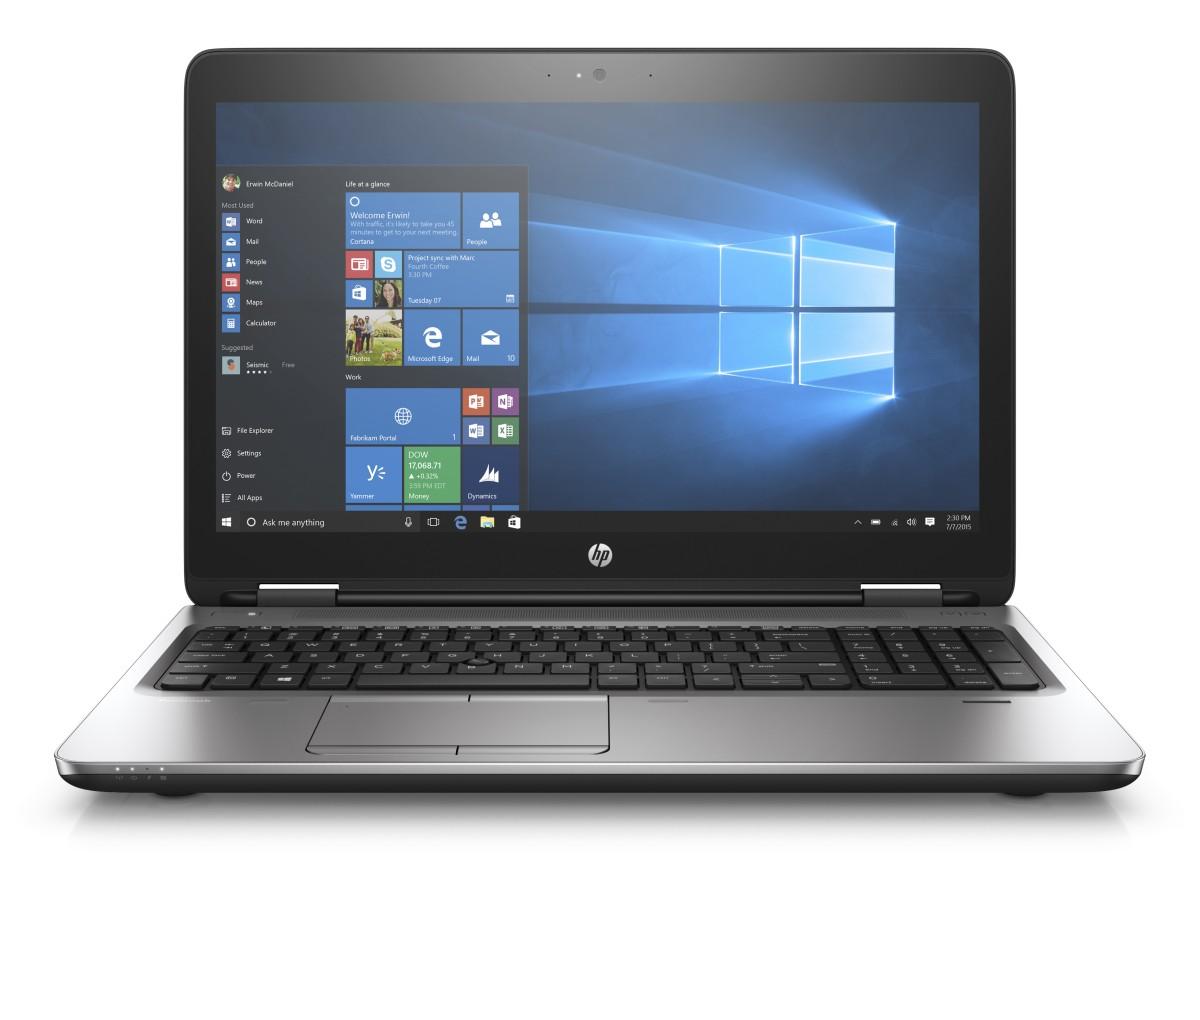 HP ProBook 655 G3 A10-8730B / 4GB / 500 GB / 15,6'' FHD / Win 10 PRO